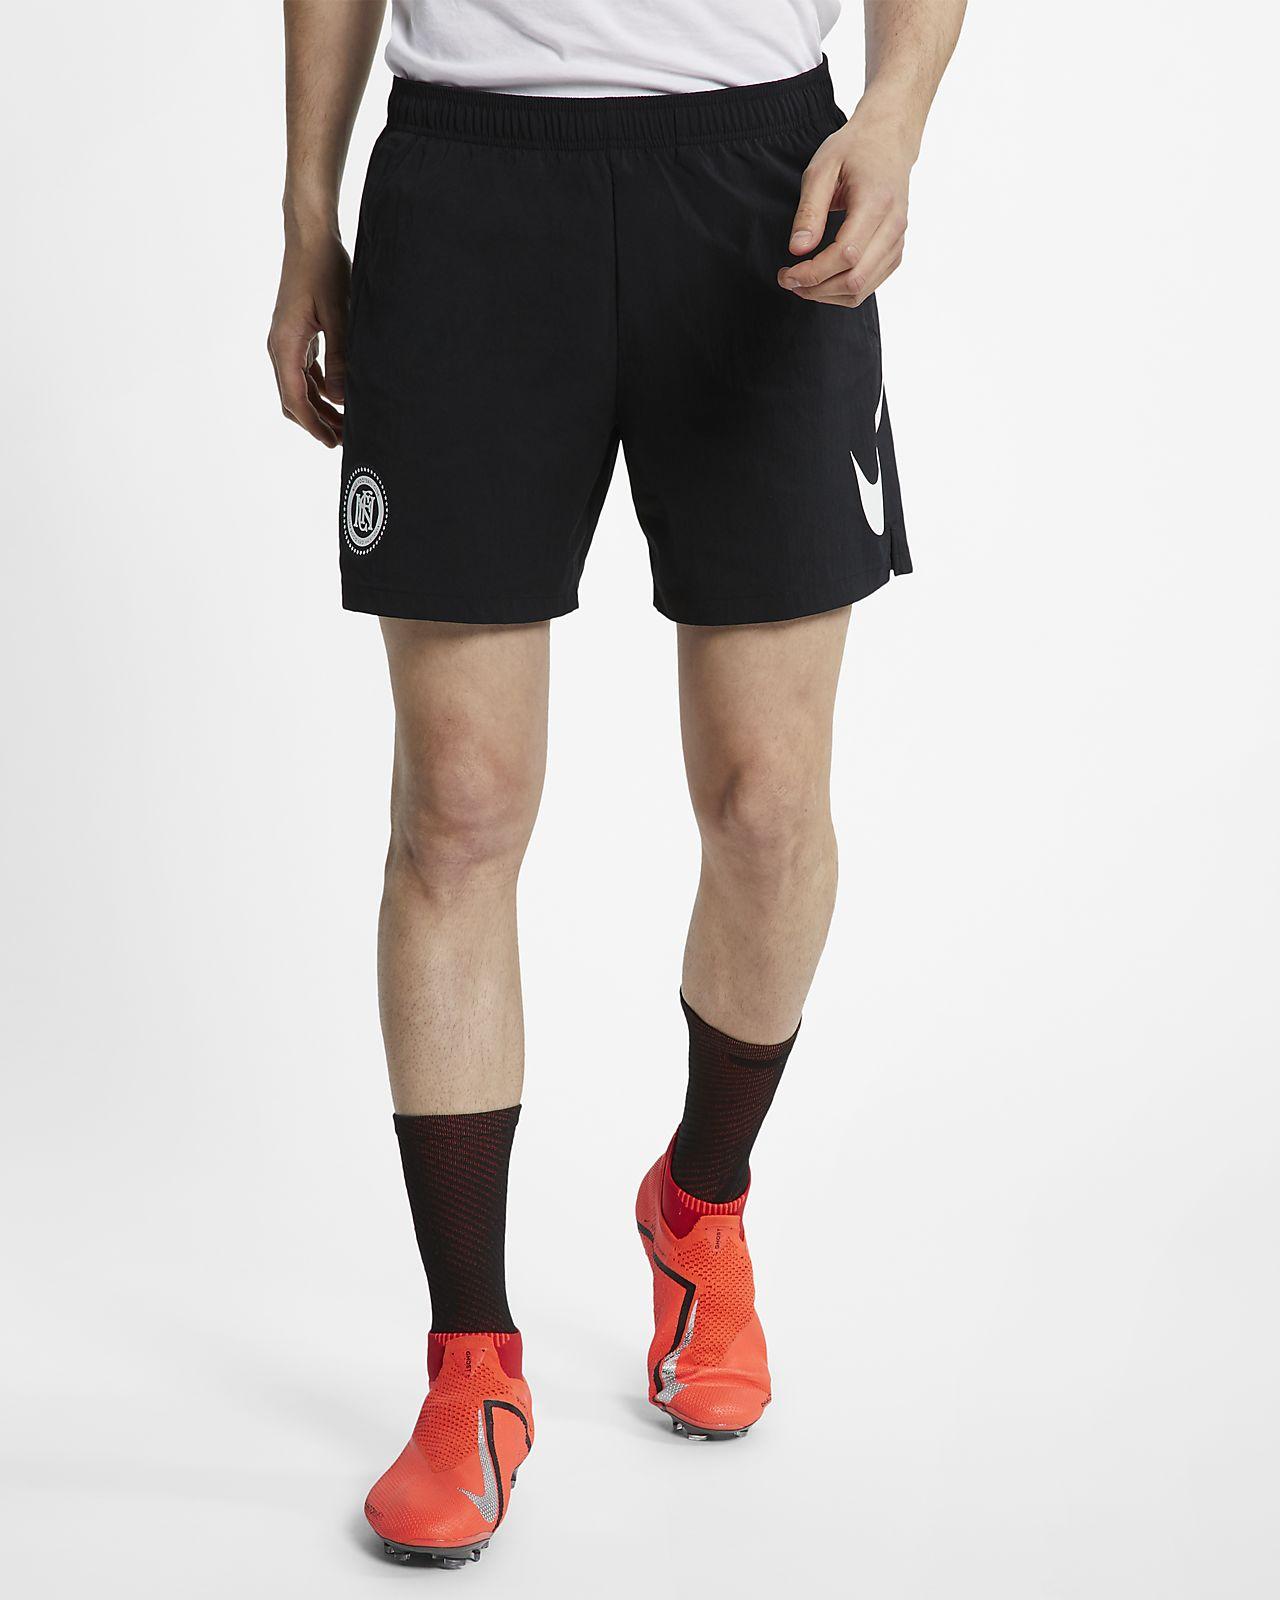 Nike F.C. fotballshorts til herre